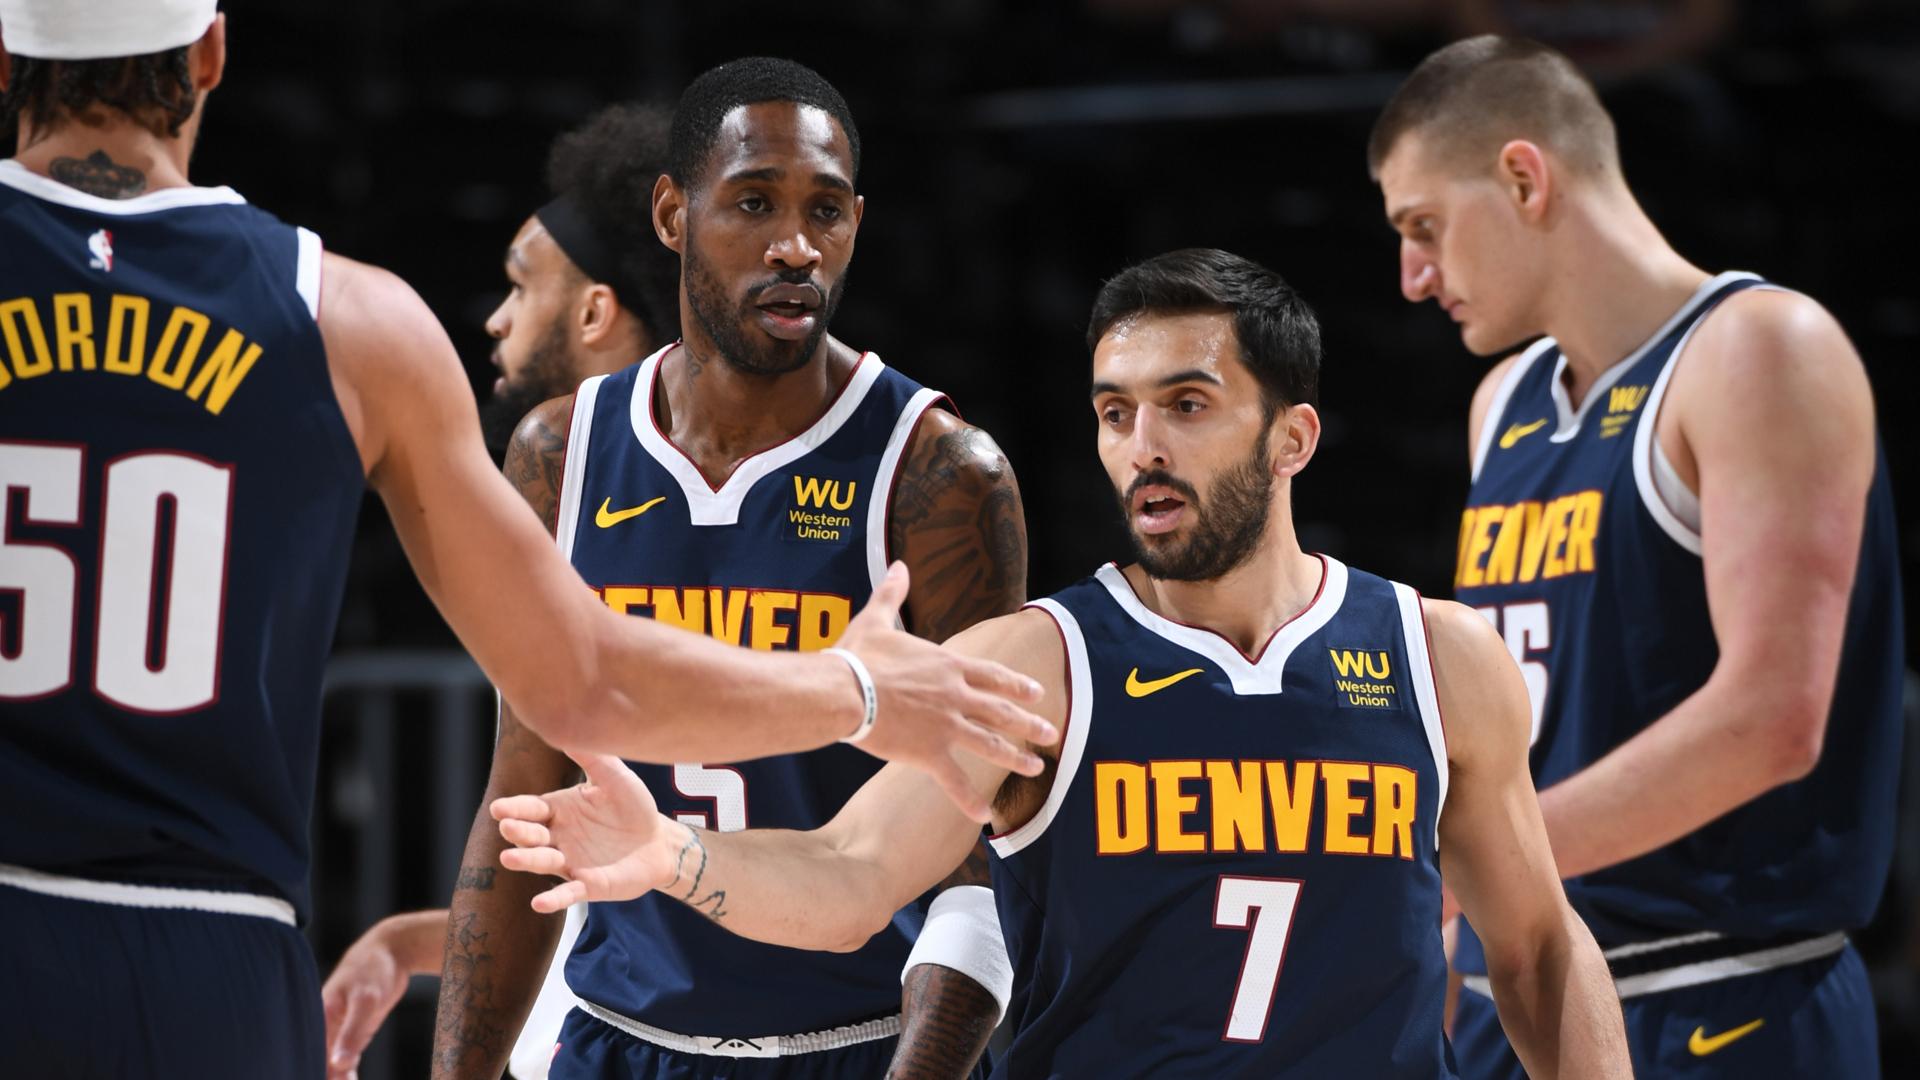 En qué quinteto le va mejor a Facundo Campazzo en Denver Nuggets?   NBA.com  España   El sitio oficial de la NBA